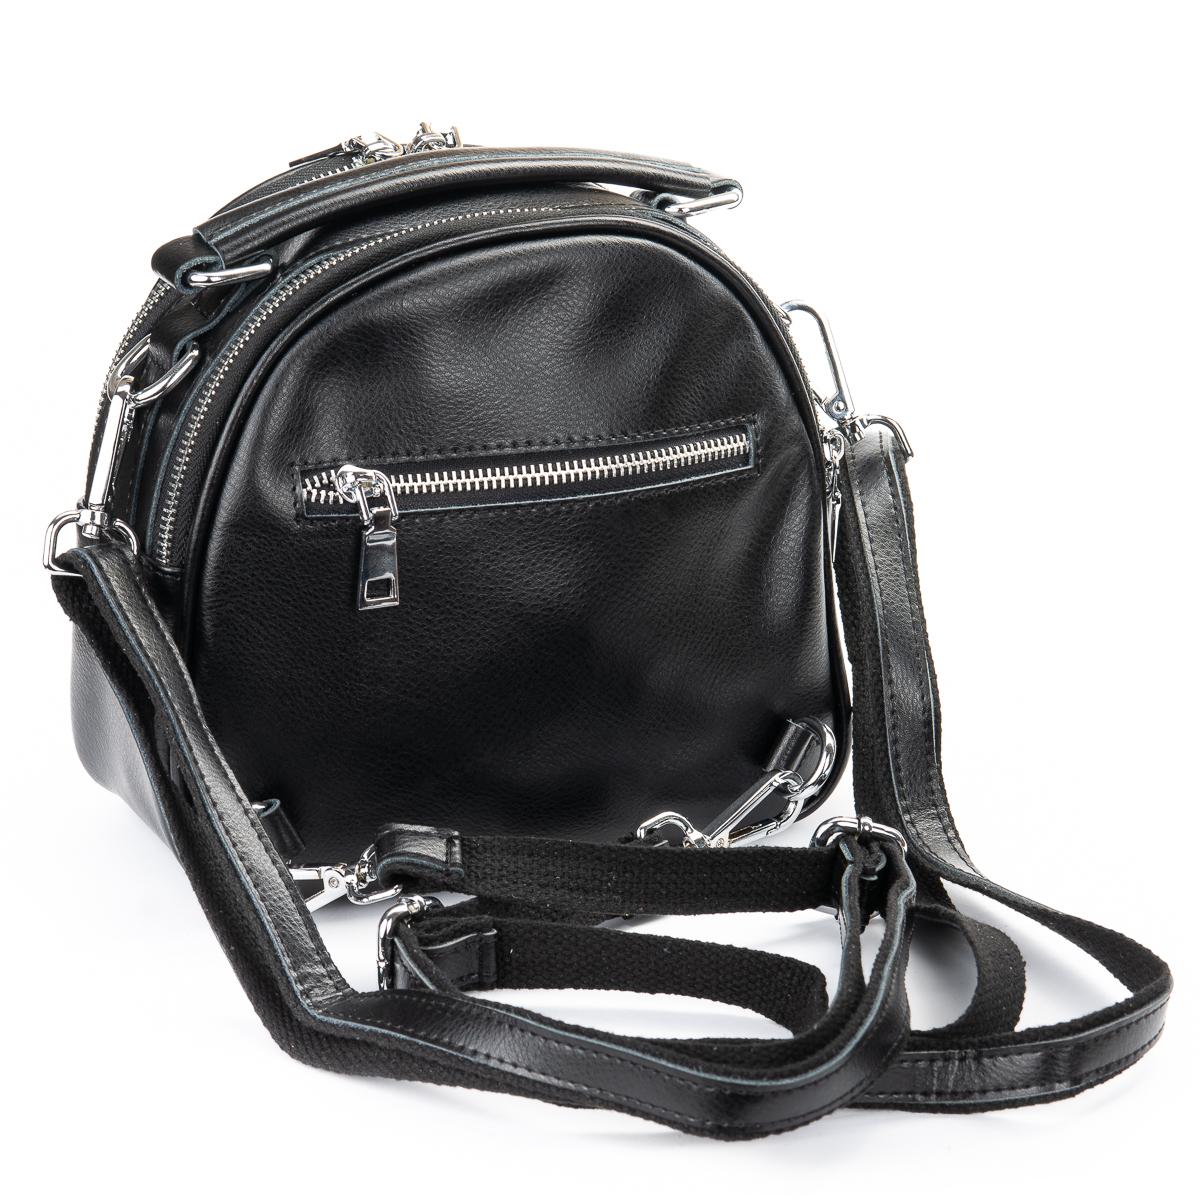 Сумка Женская Клатч кожа ALEX RAI 06-1 339 black - фото 4